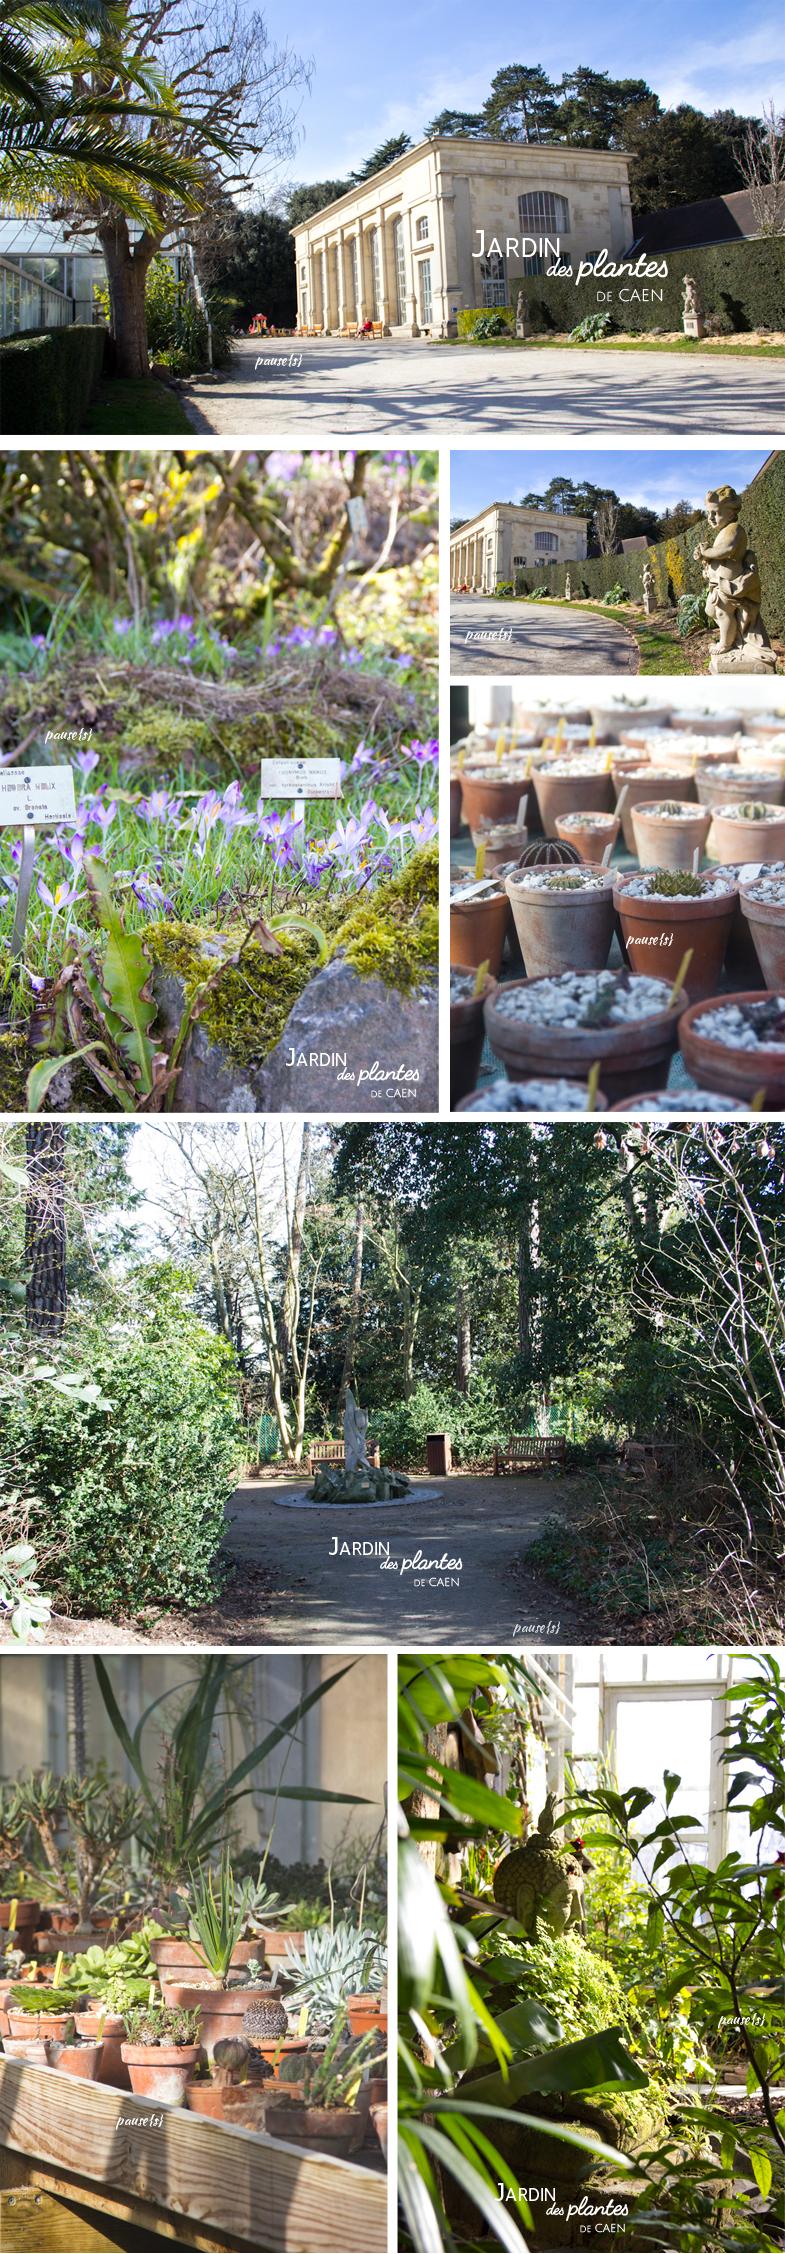 Caen le jardin des plantes pause s for Le jardin de plantes